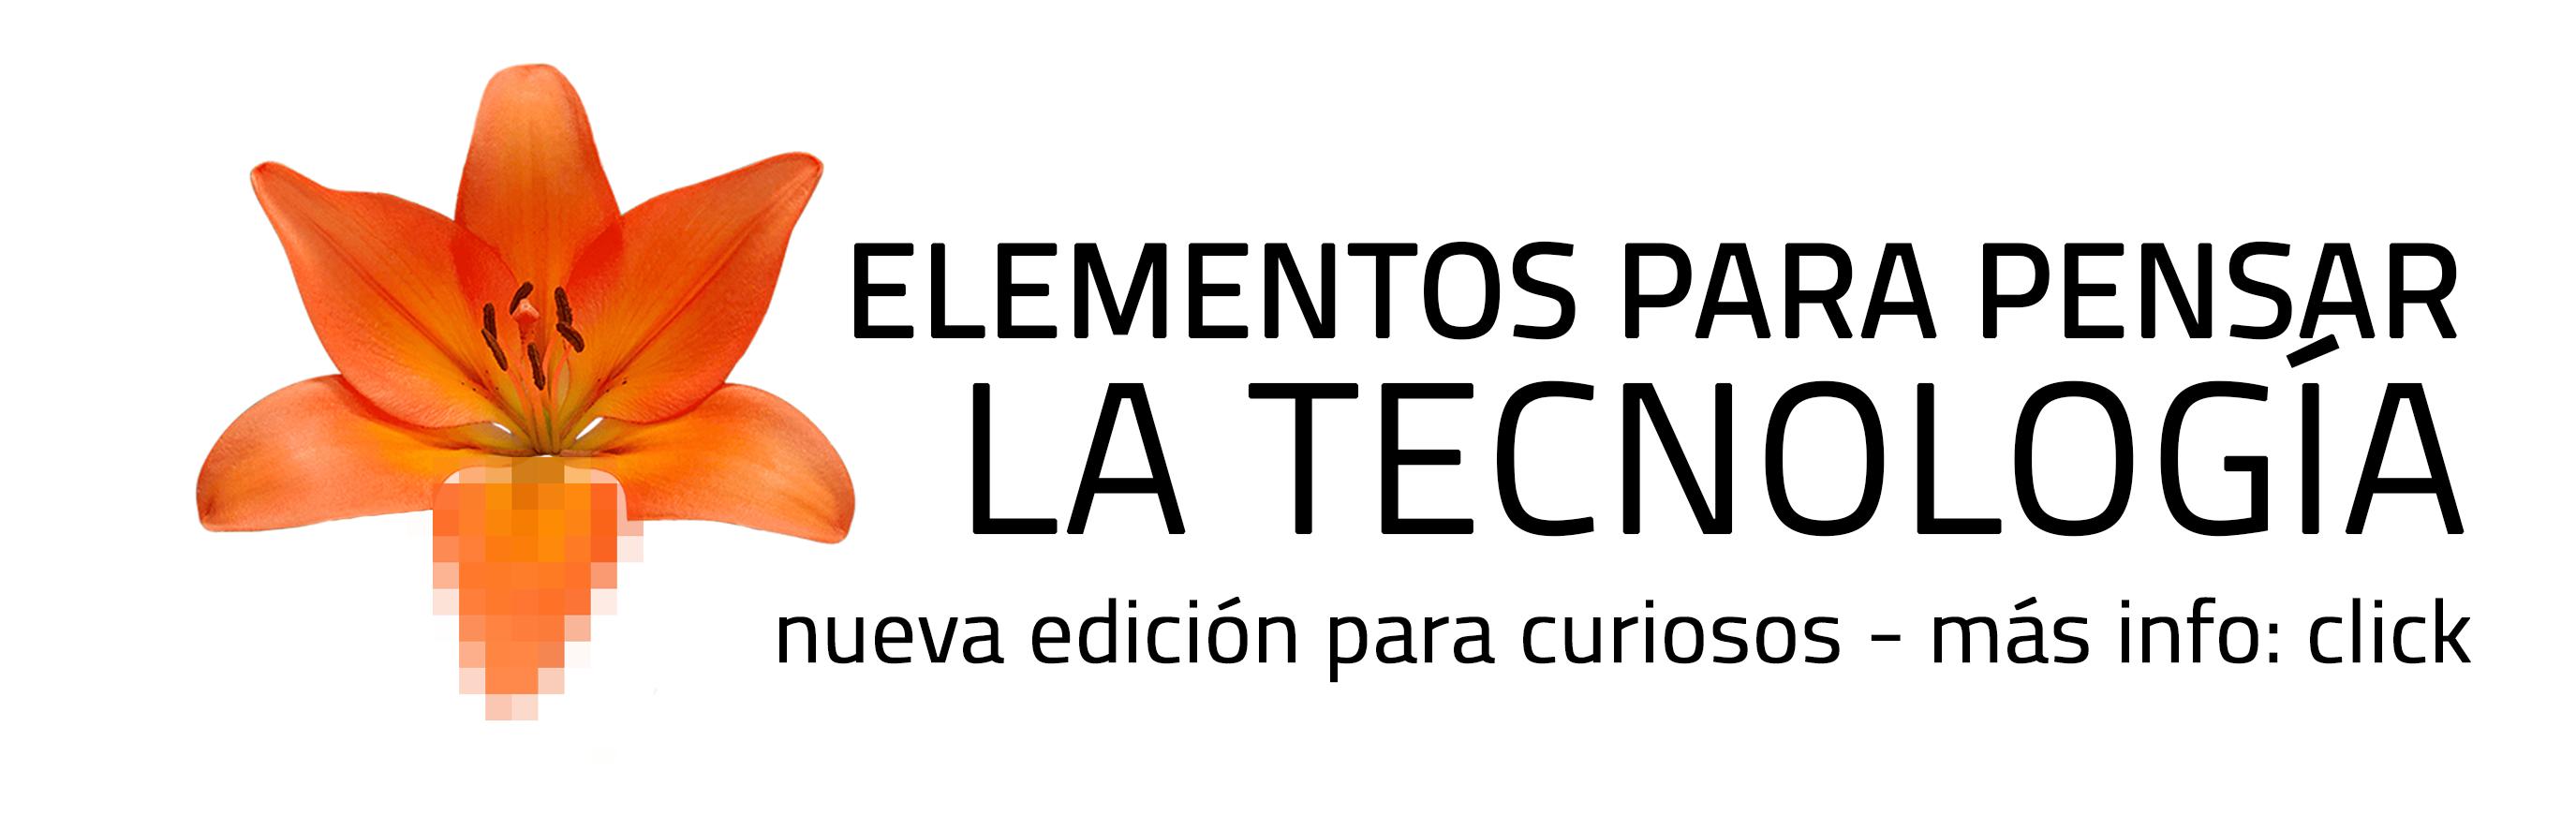 Elementos para pensar la tecnología por Martín Parselis